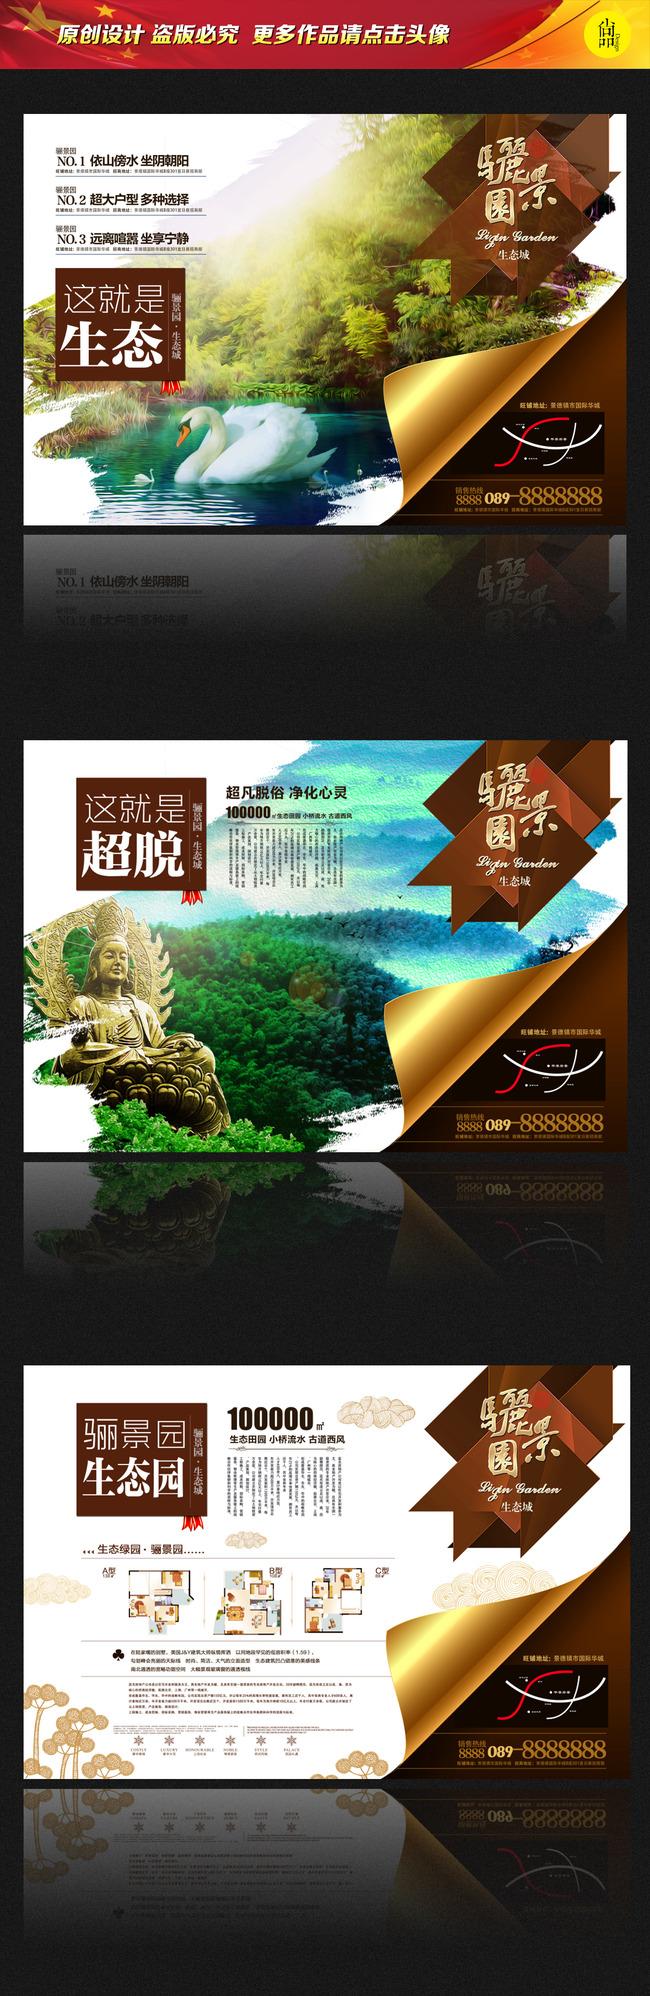 中国风房地产广告海报设计素材